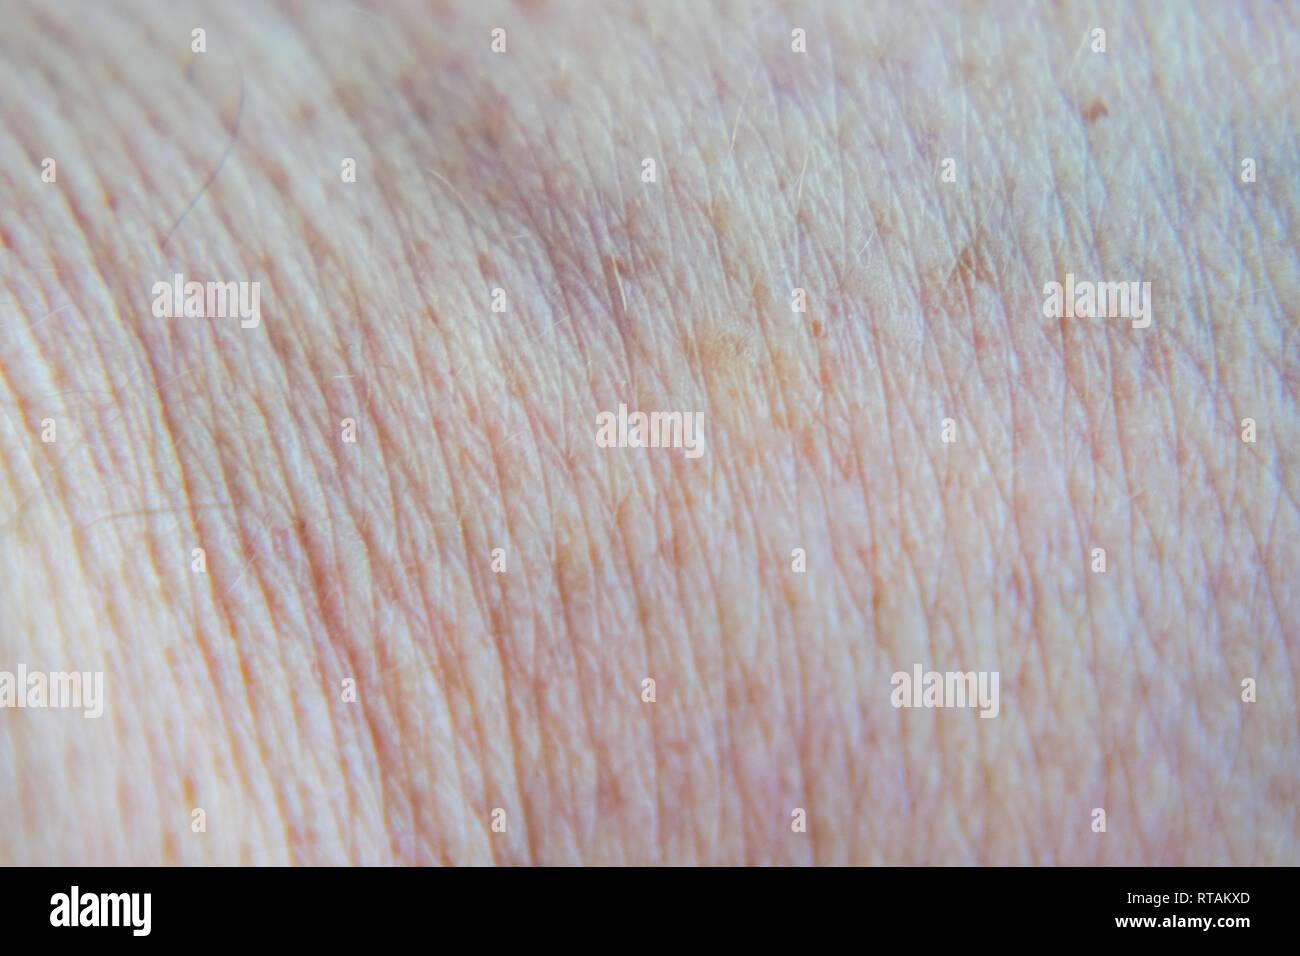 La texture della pelle umana di uomini Immagini Stock